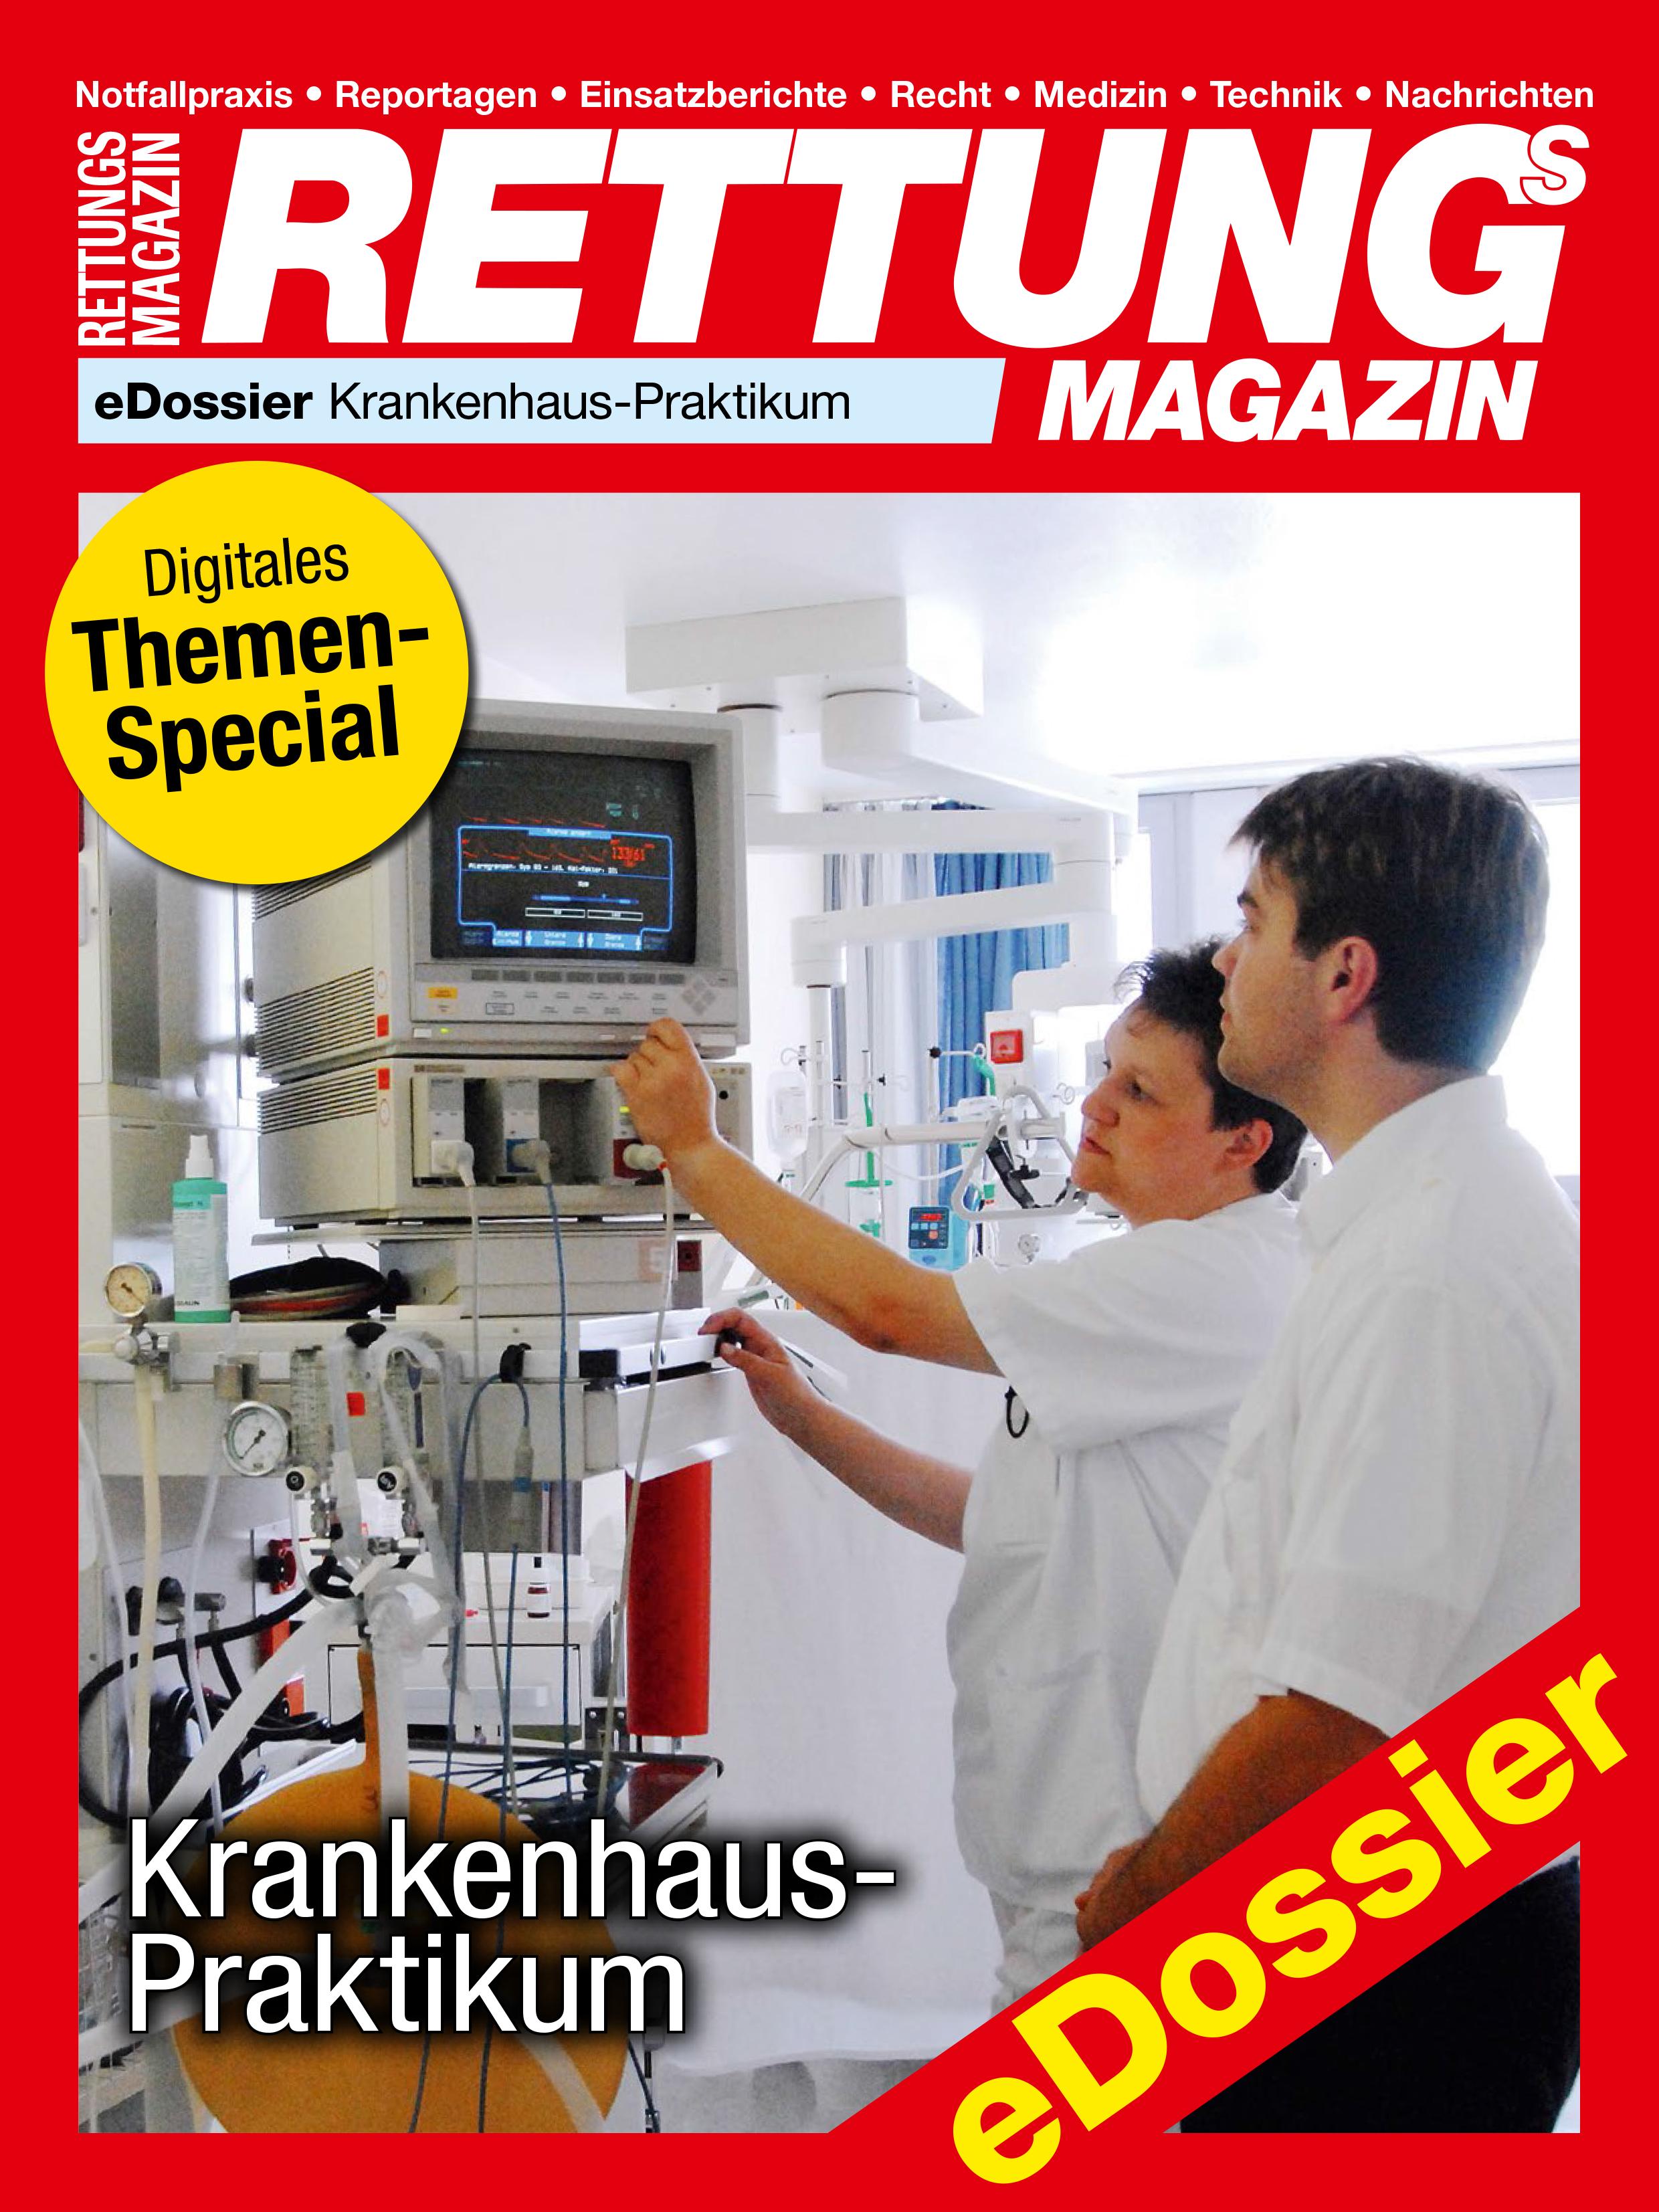 Produkt: Download Krankenhaus-Praktikum